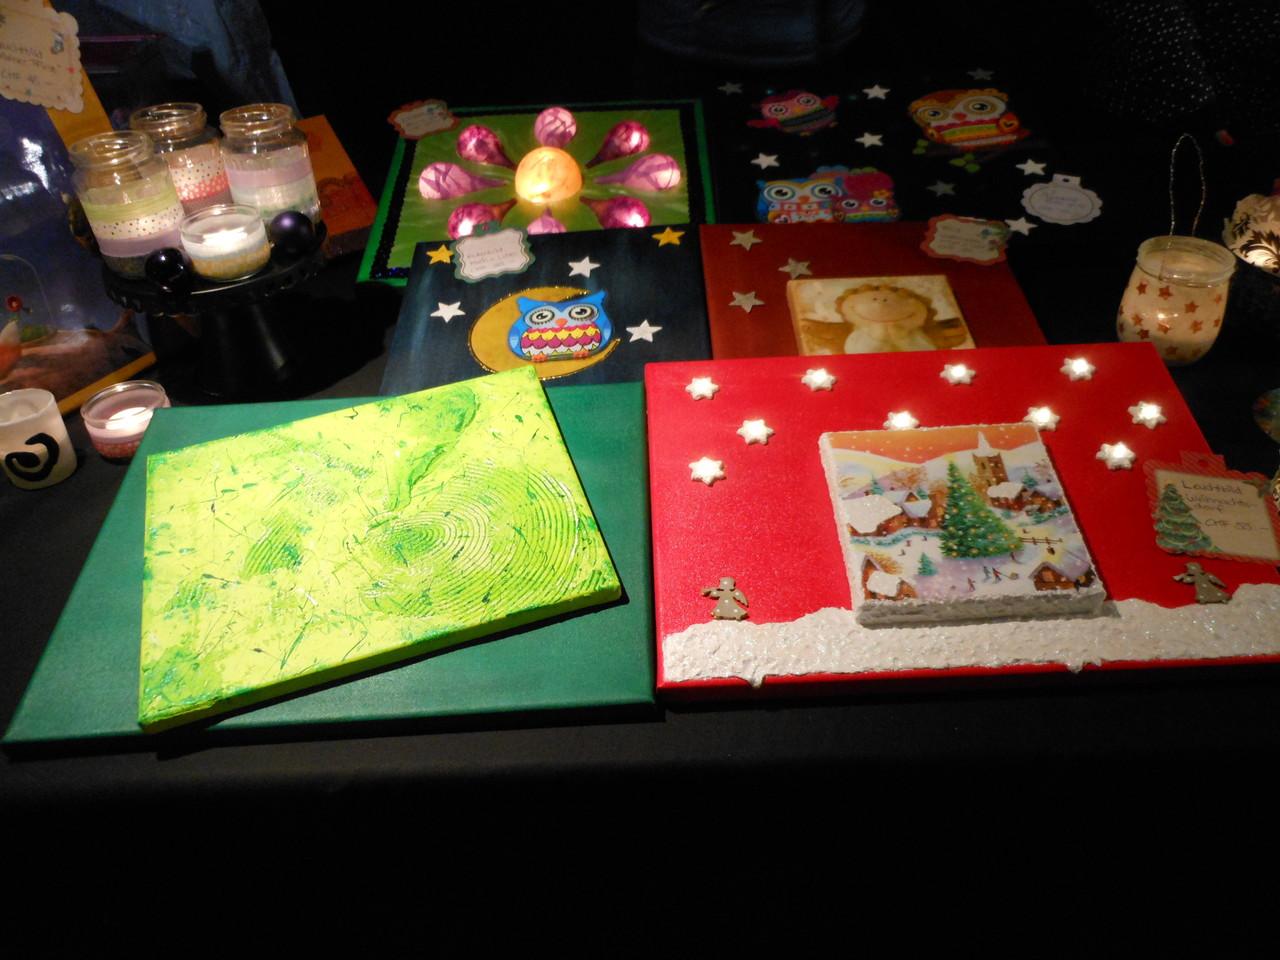 Besonders sticht das weihnachtliche Bild mit LED-Sternen ins Auge...